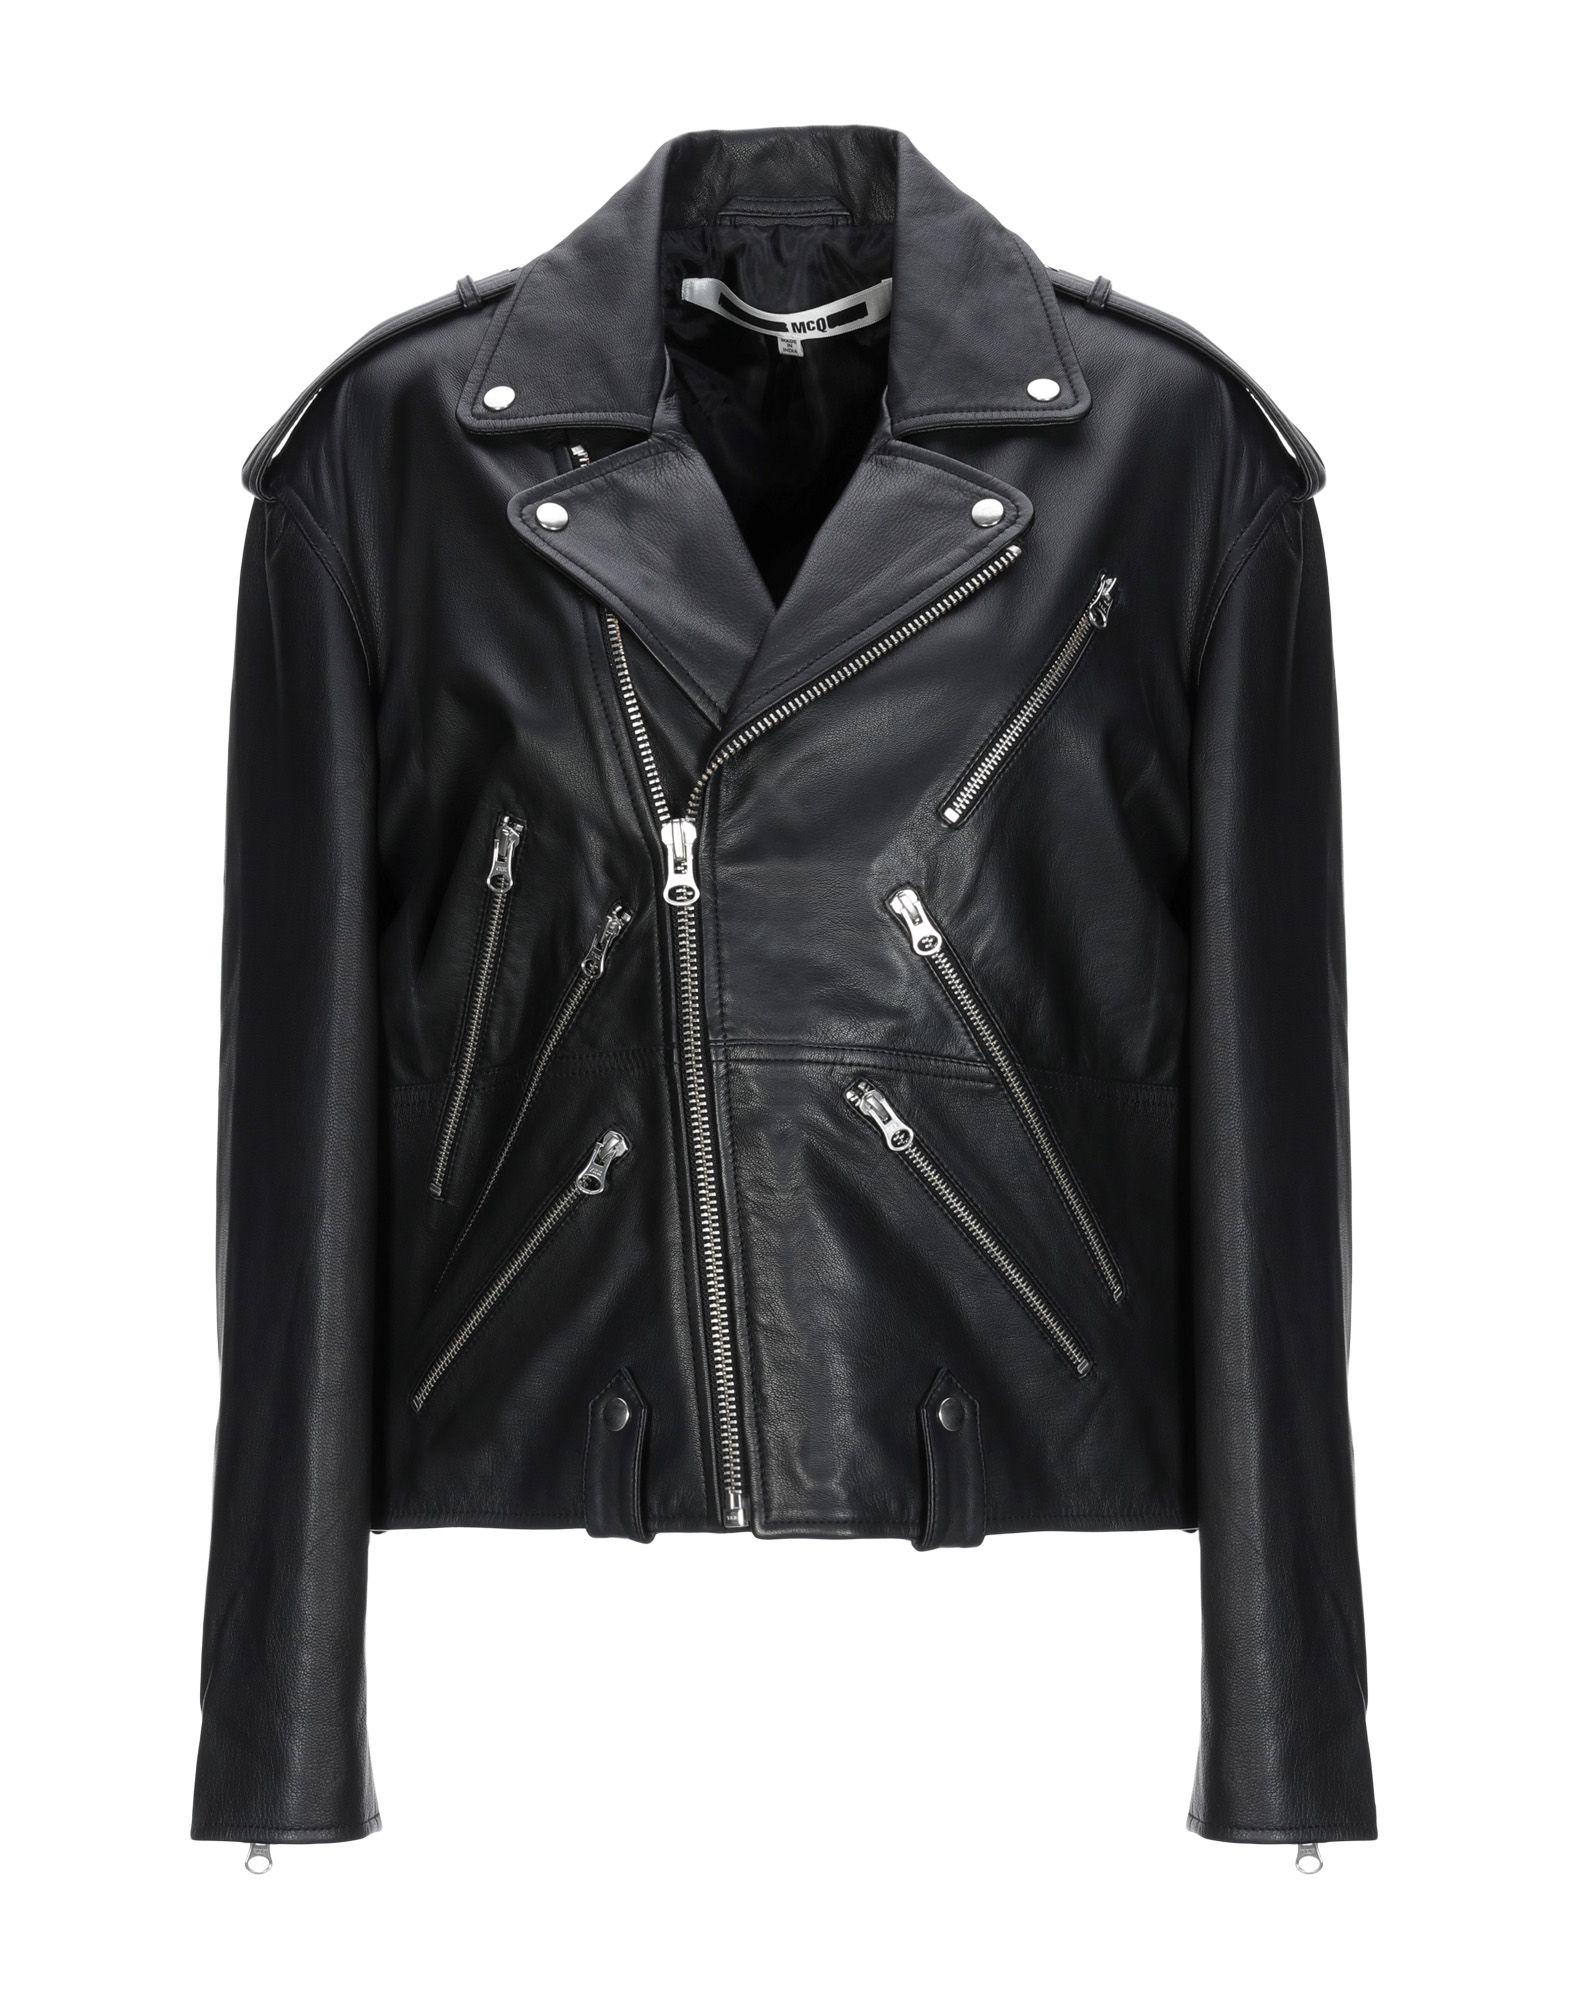 225d511b61f56 Mcq Alexander Mcqueen Biker Jacket - Women Mcq Alexander Mcqueen ...